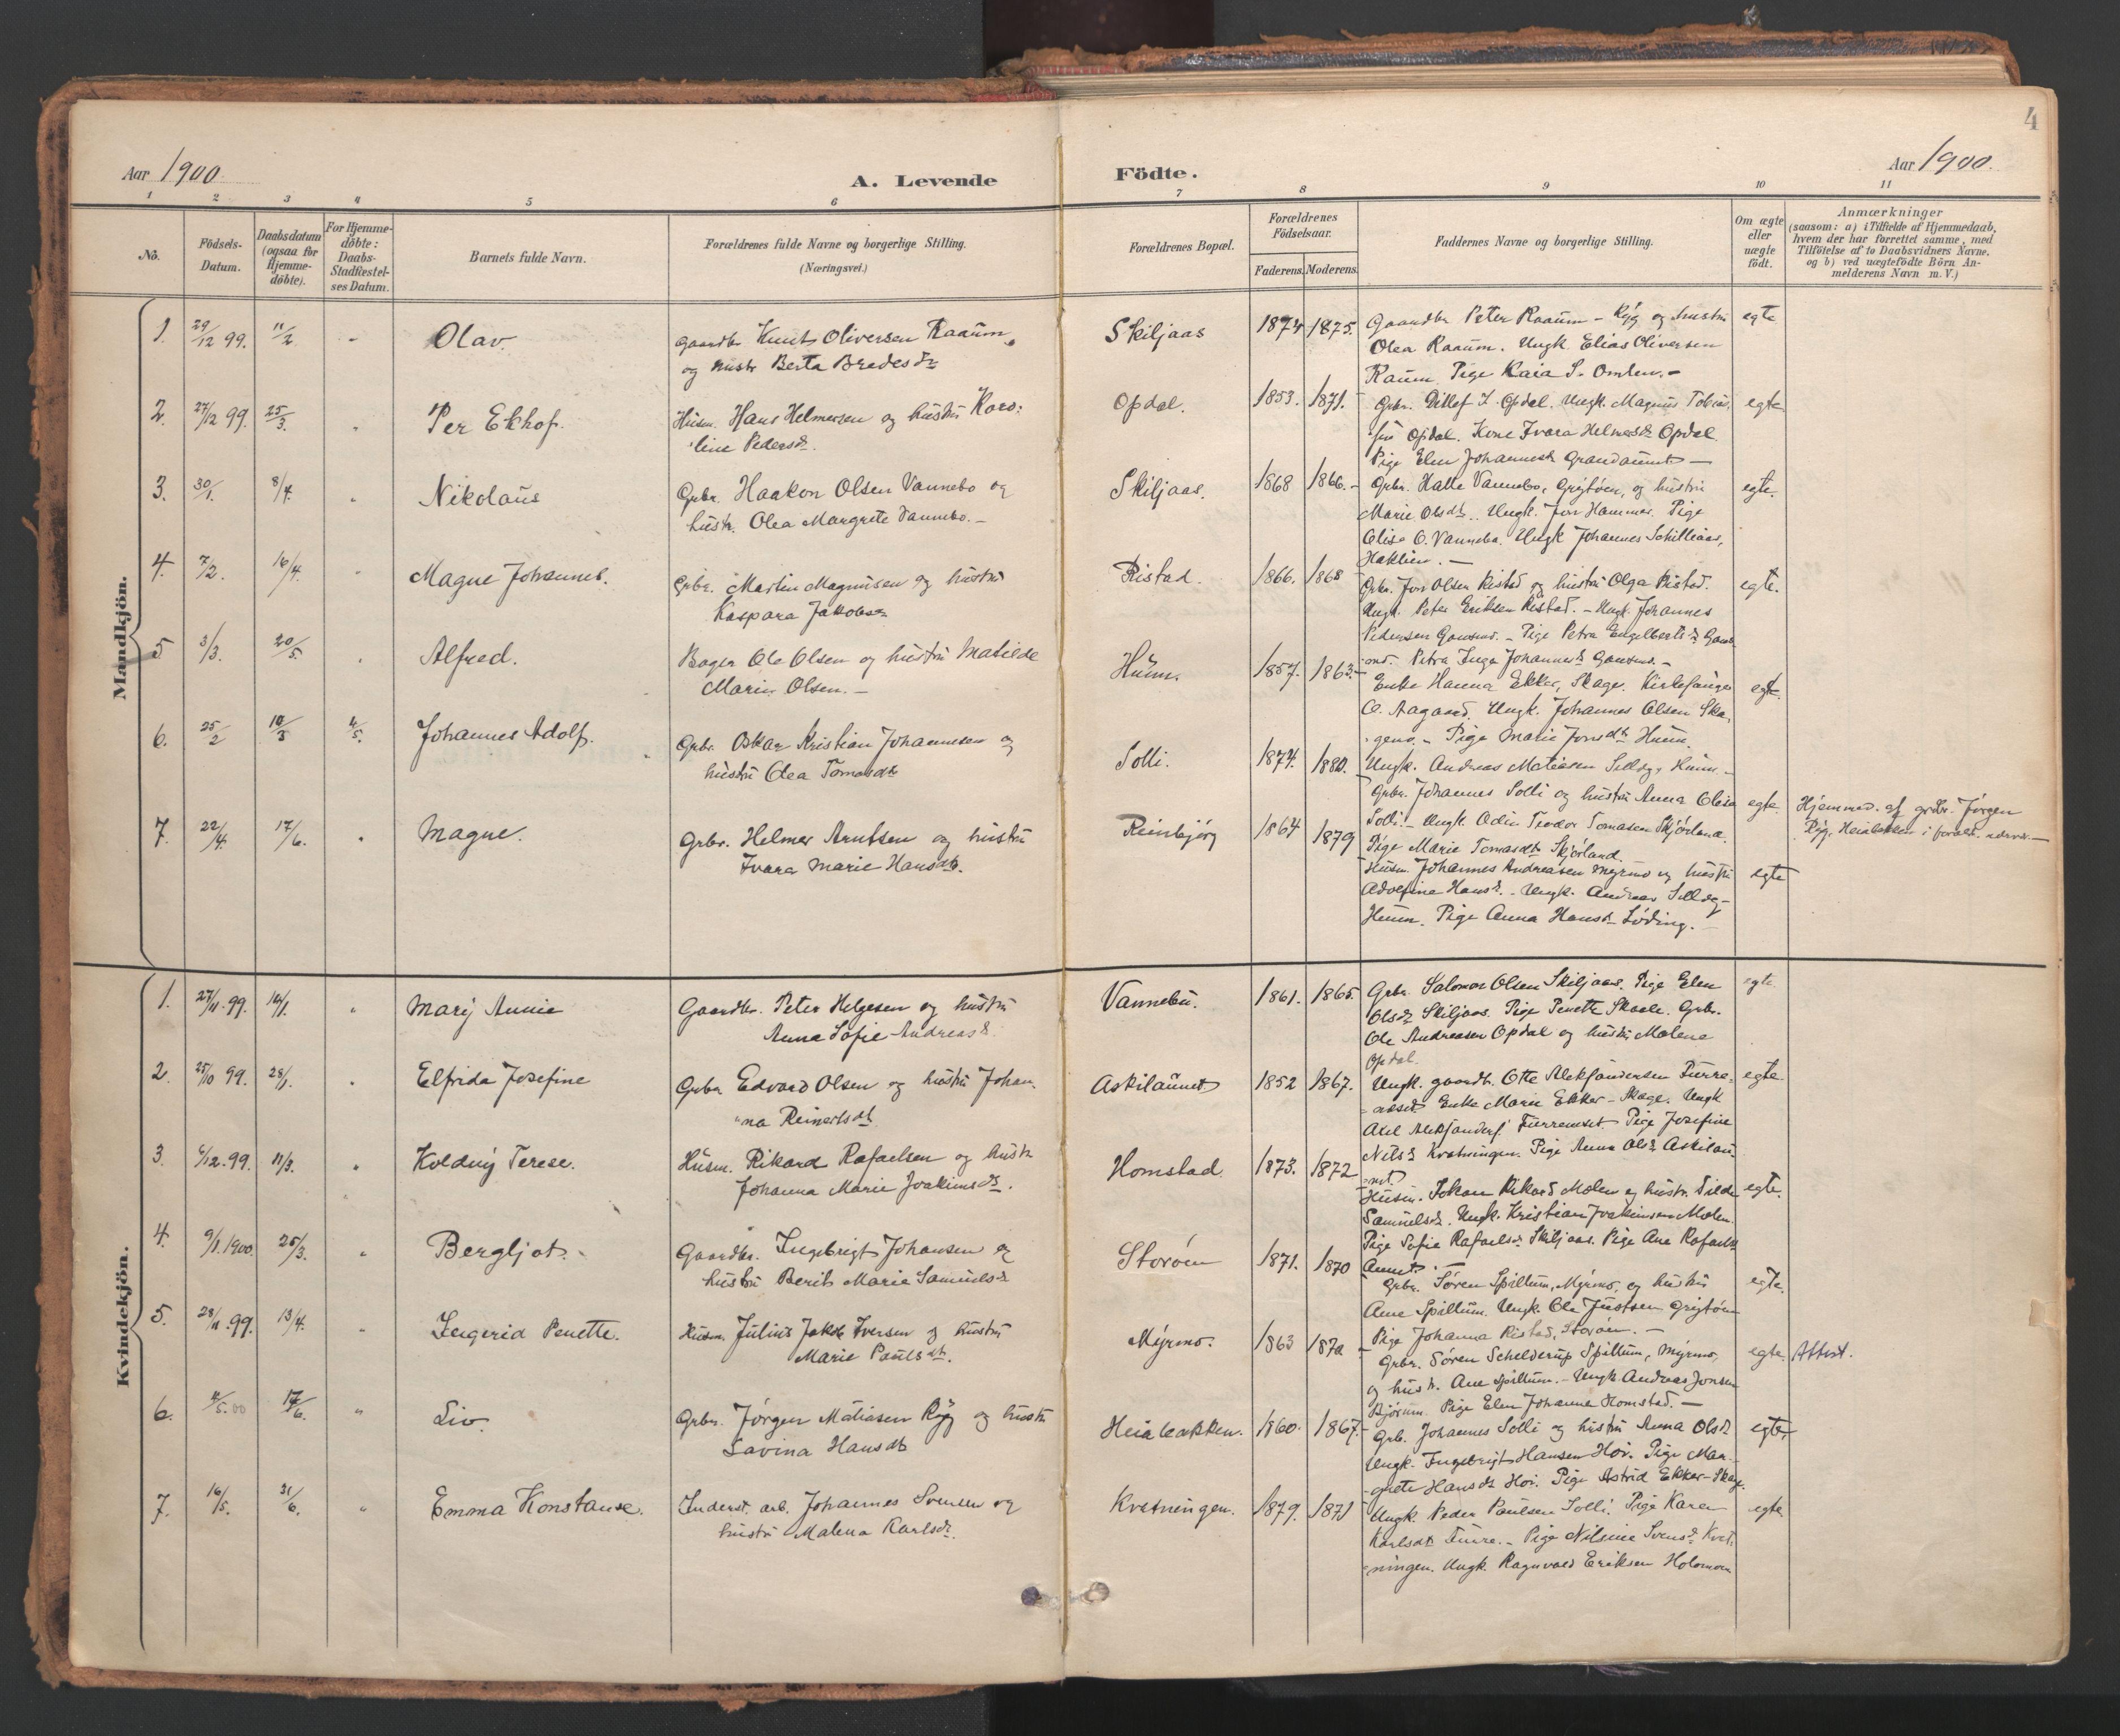 SAT, Ministerialprotokoller, klokkerbøker og fødselsregistre - Nord-Trøndelag, 766/L0564: Ministerialbok nr. 767A02, 1900-1932, s. 4